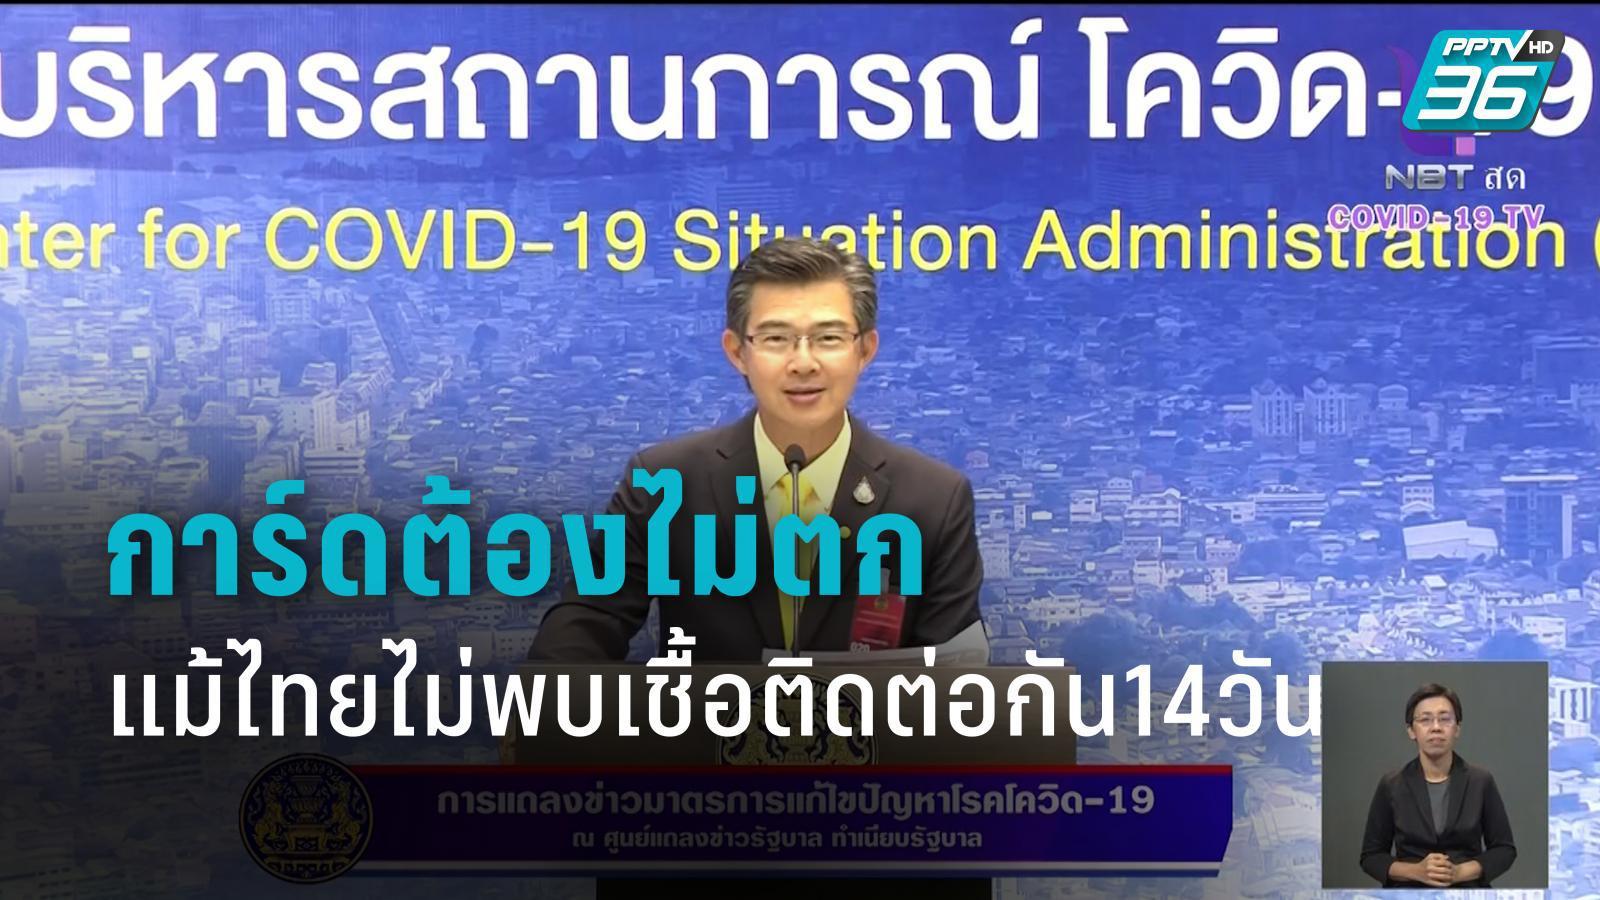 ศบค.ชี้ การ์ดต้องไม่ตก แม้ไทยไม่พบเชื้อโควิด-19 ติดต่อกัน 14วัน